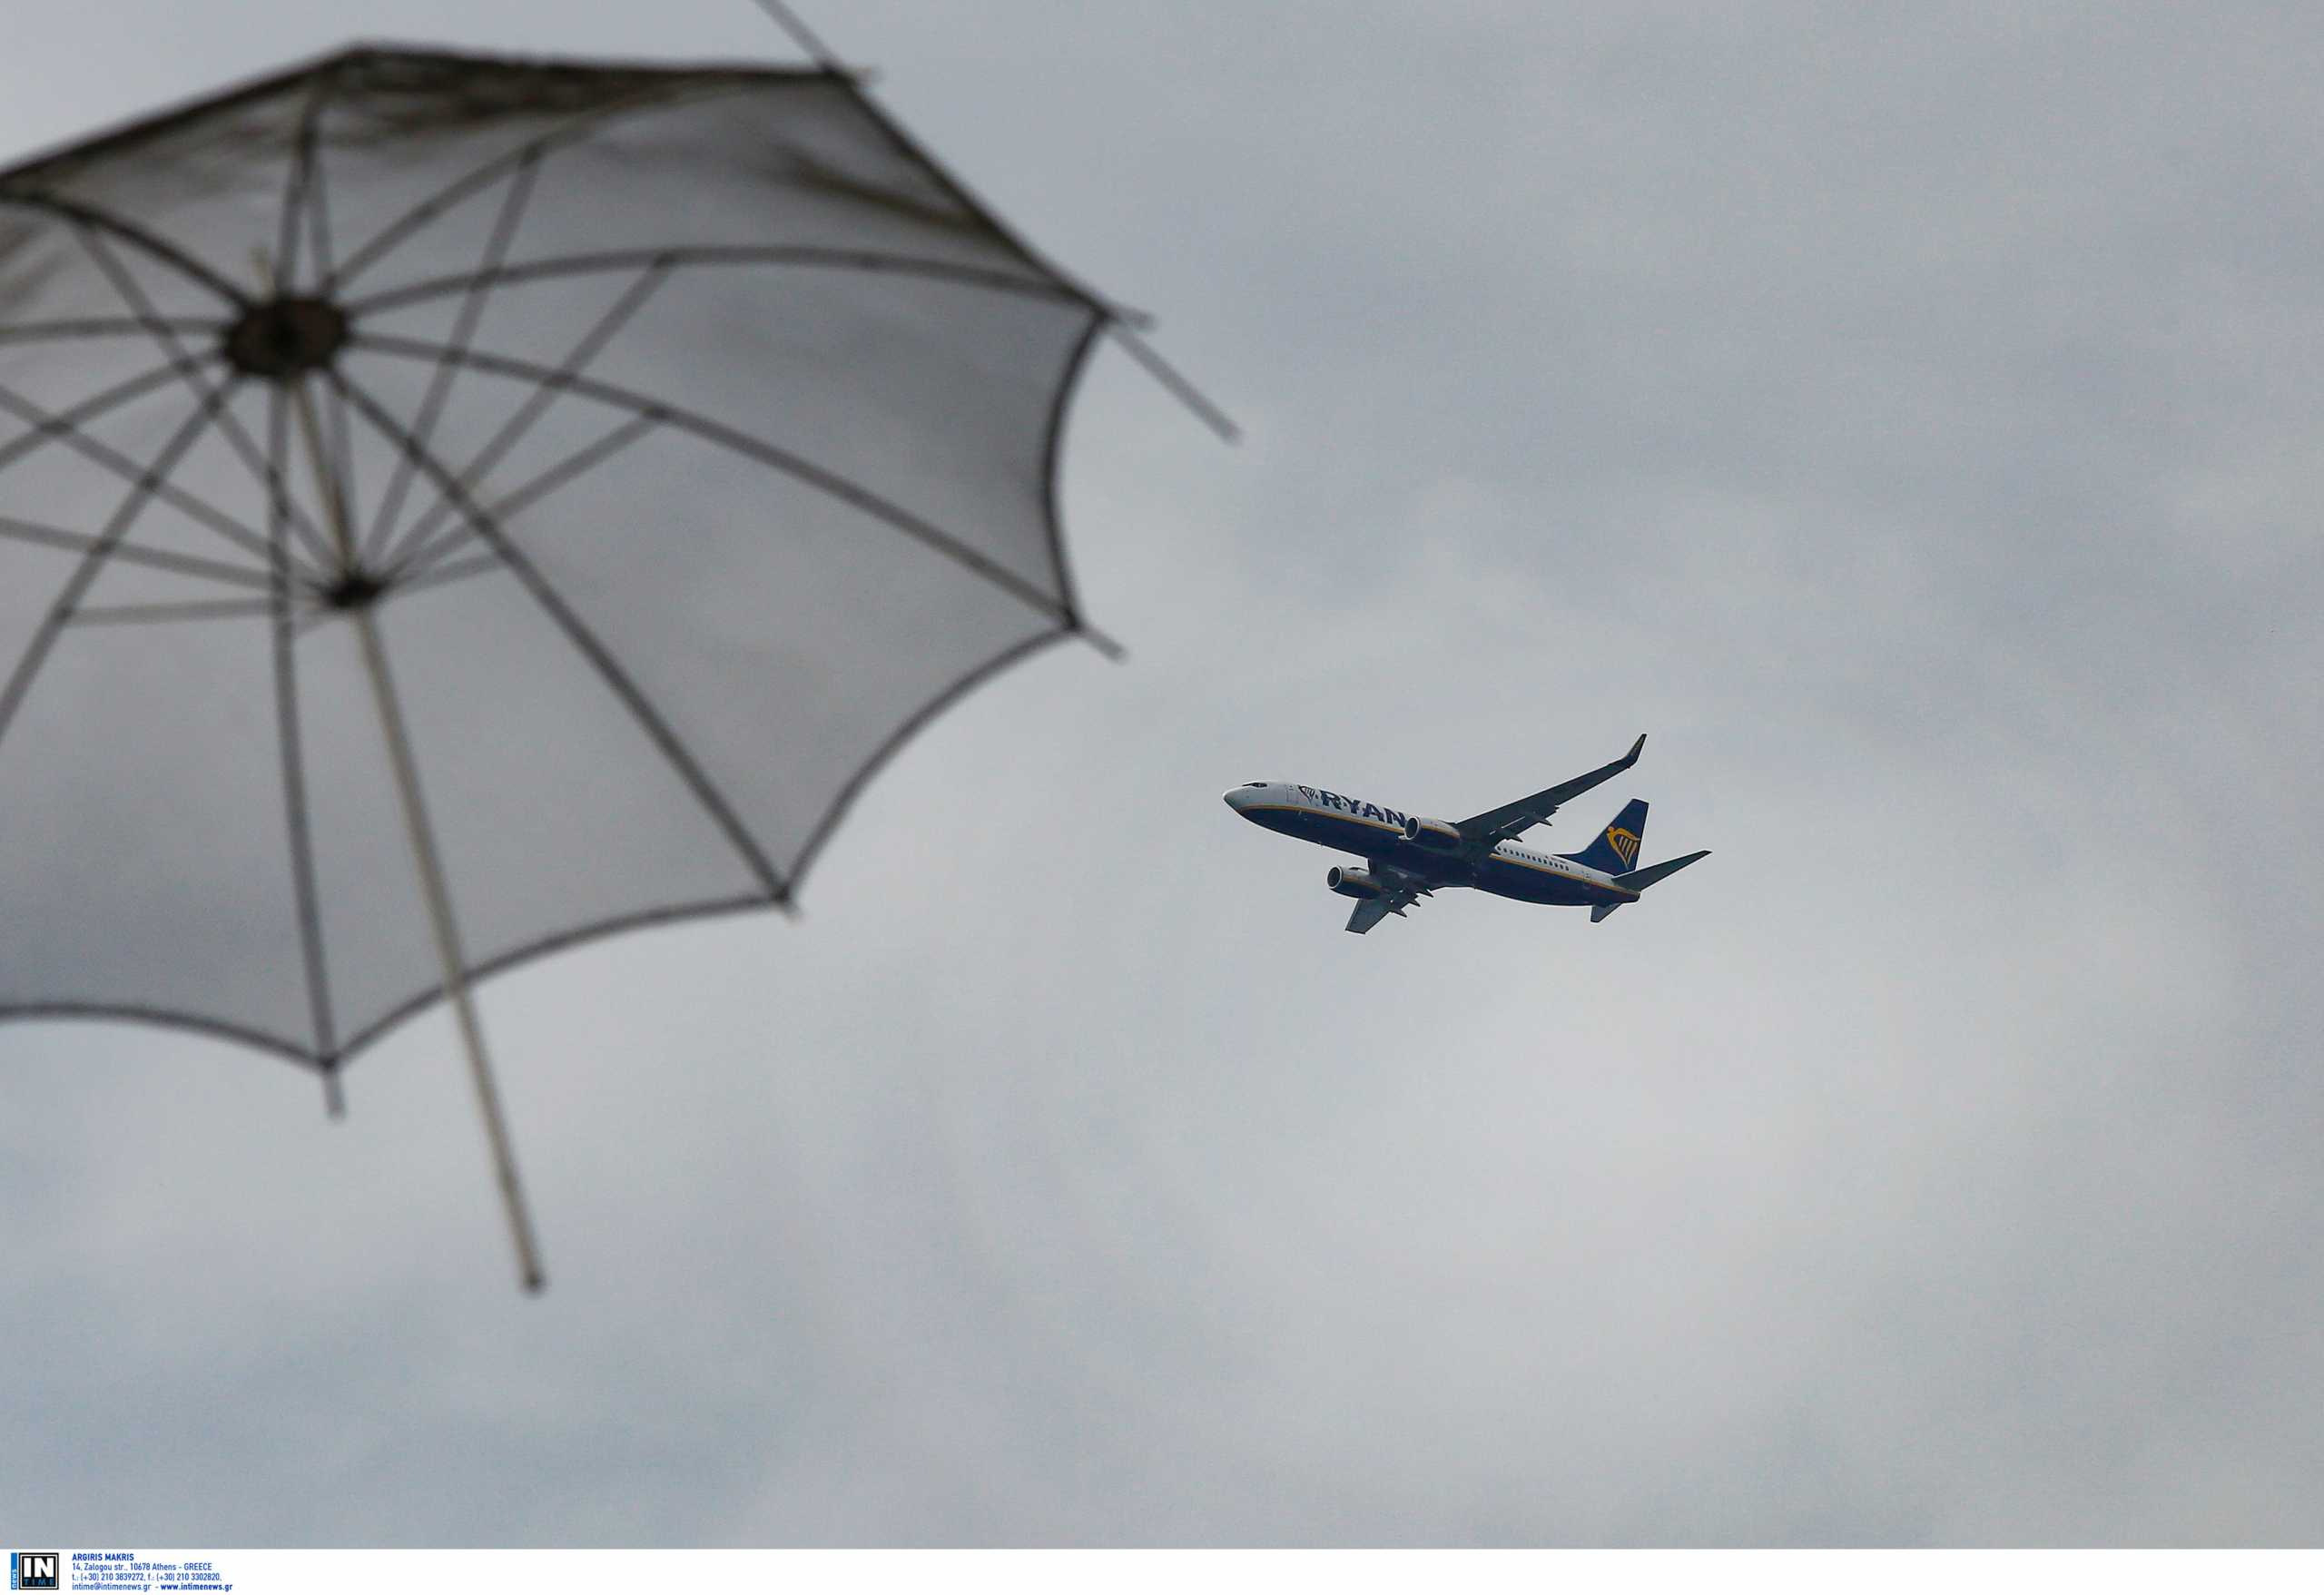 Δείτε πως μπορείτε να κάνετε την επόμενη πτήση σας λιγότερο βαρετή